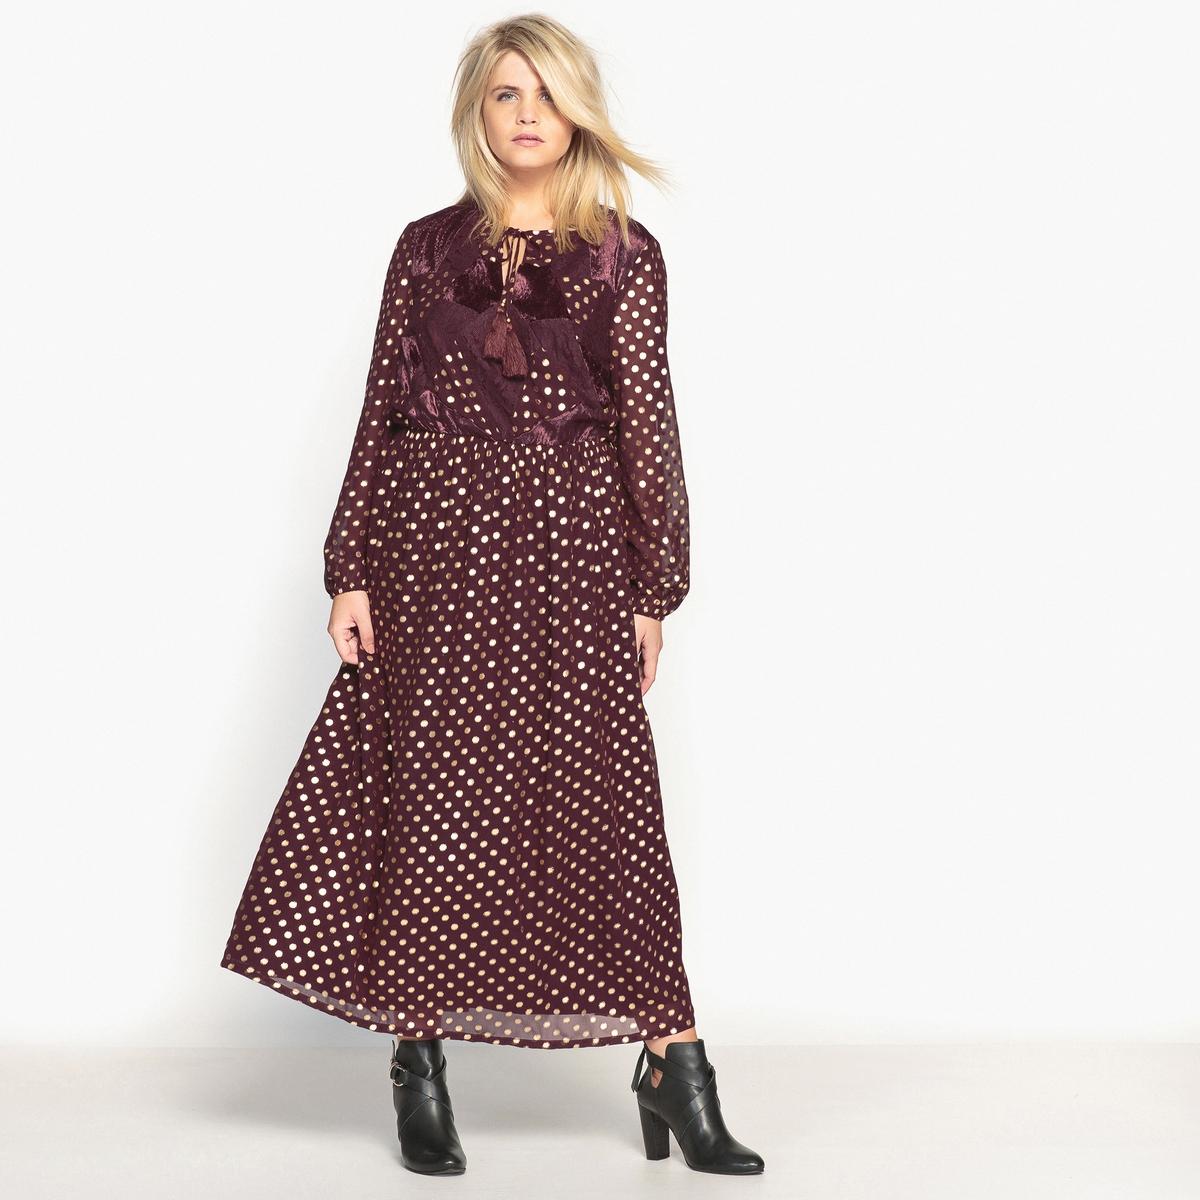 Платье длинное с рисунком в горох и длинными рукавами